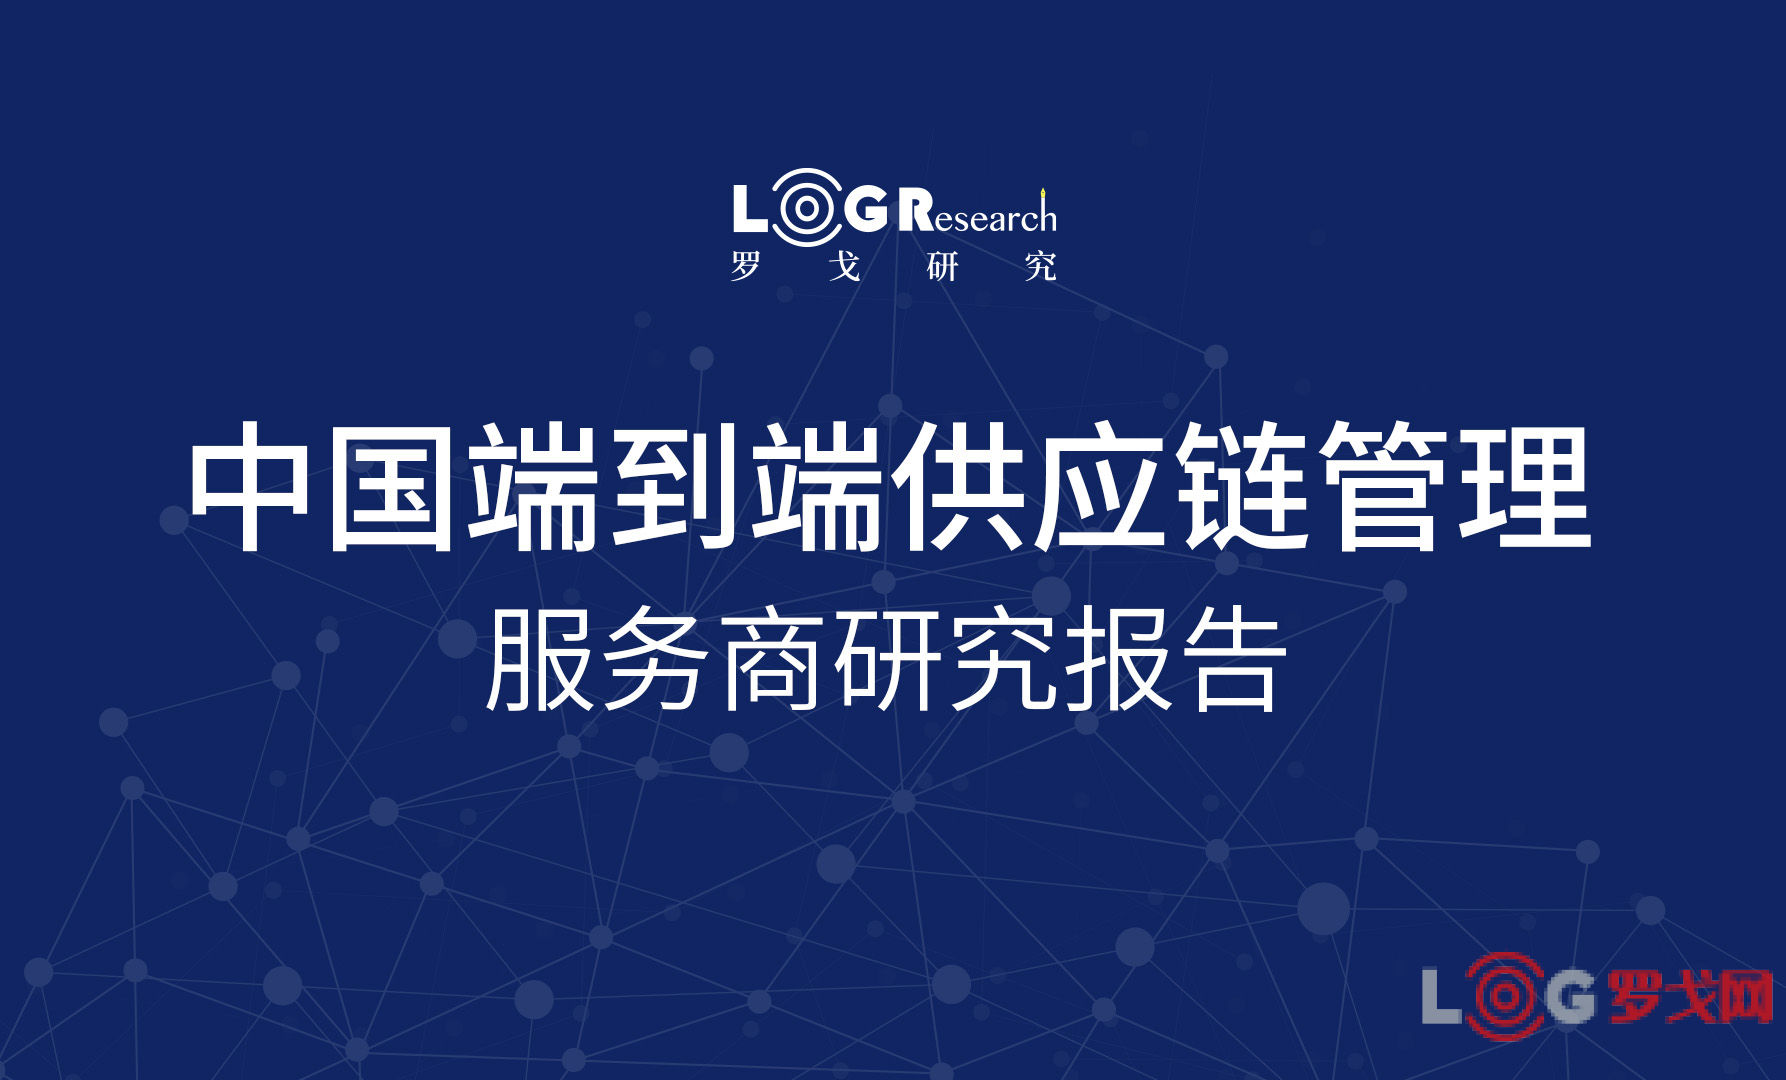 罗戈研究《中国端到端供应链管理服务商研究报告》:数字化时代的供应链管理服务新趋势